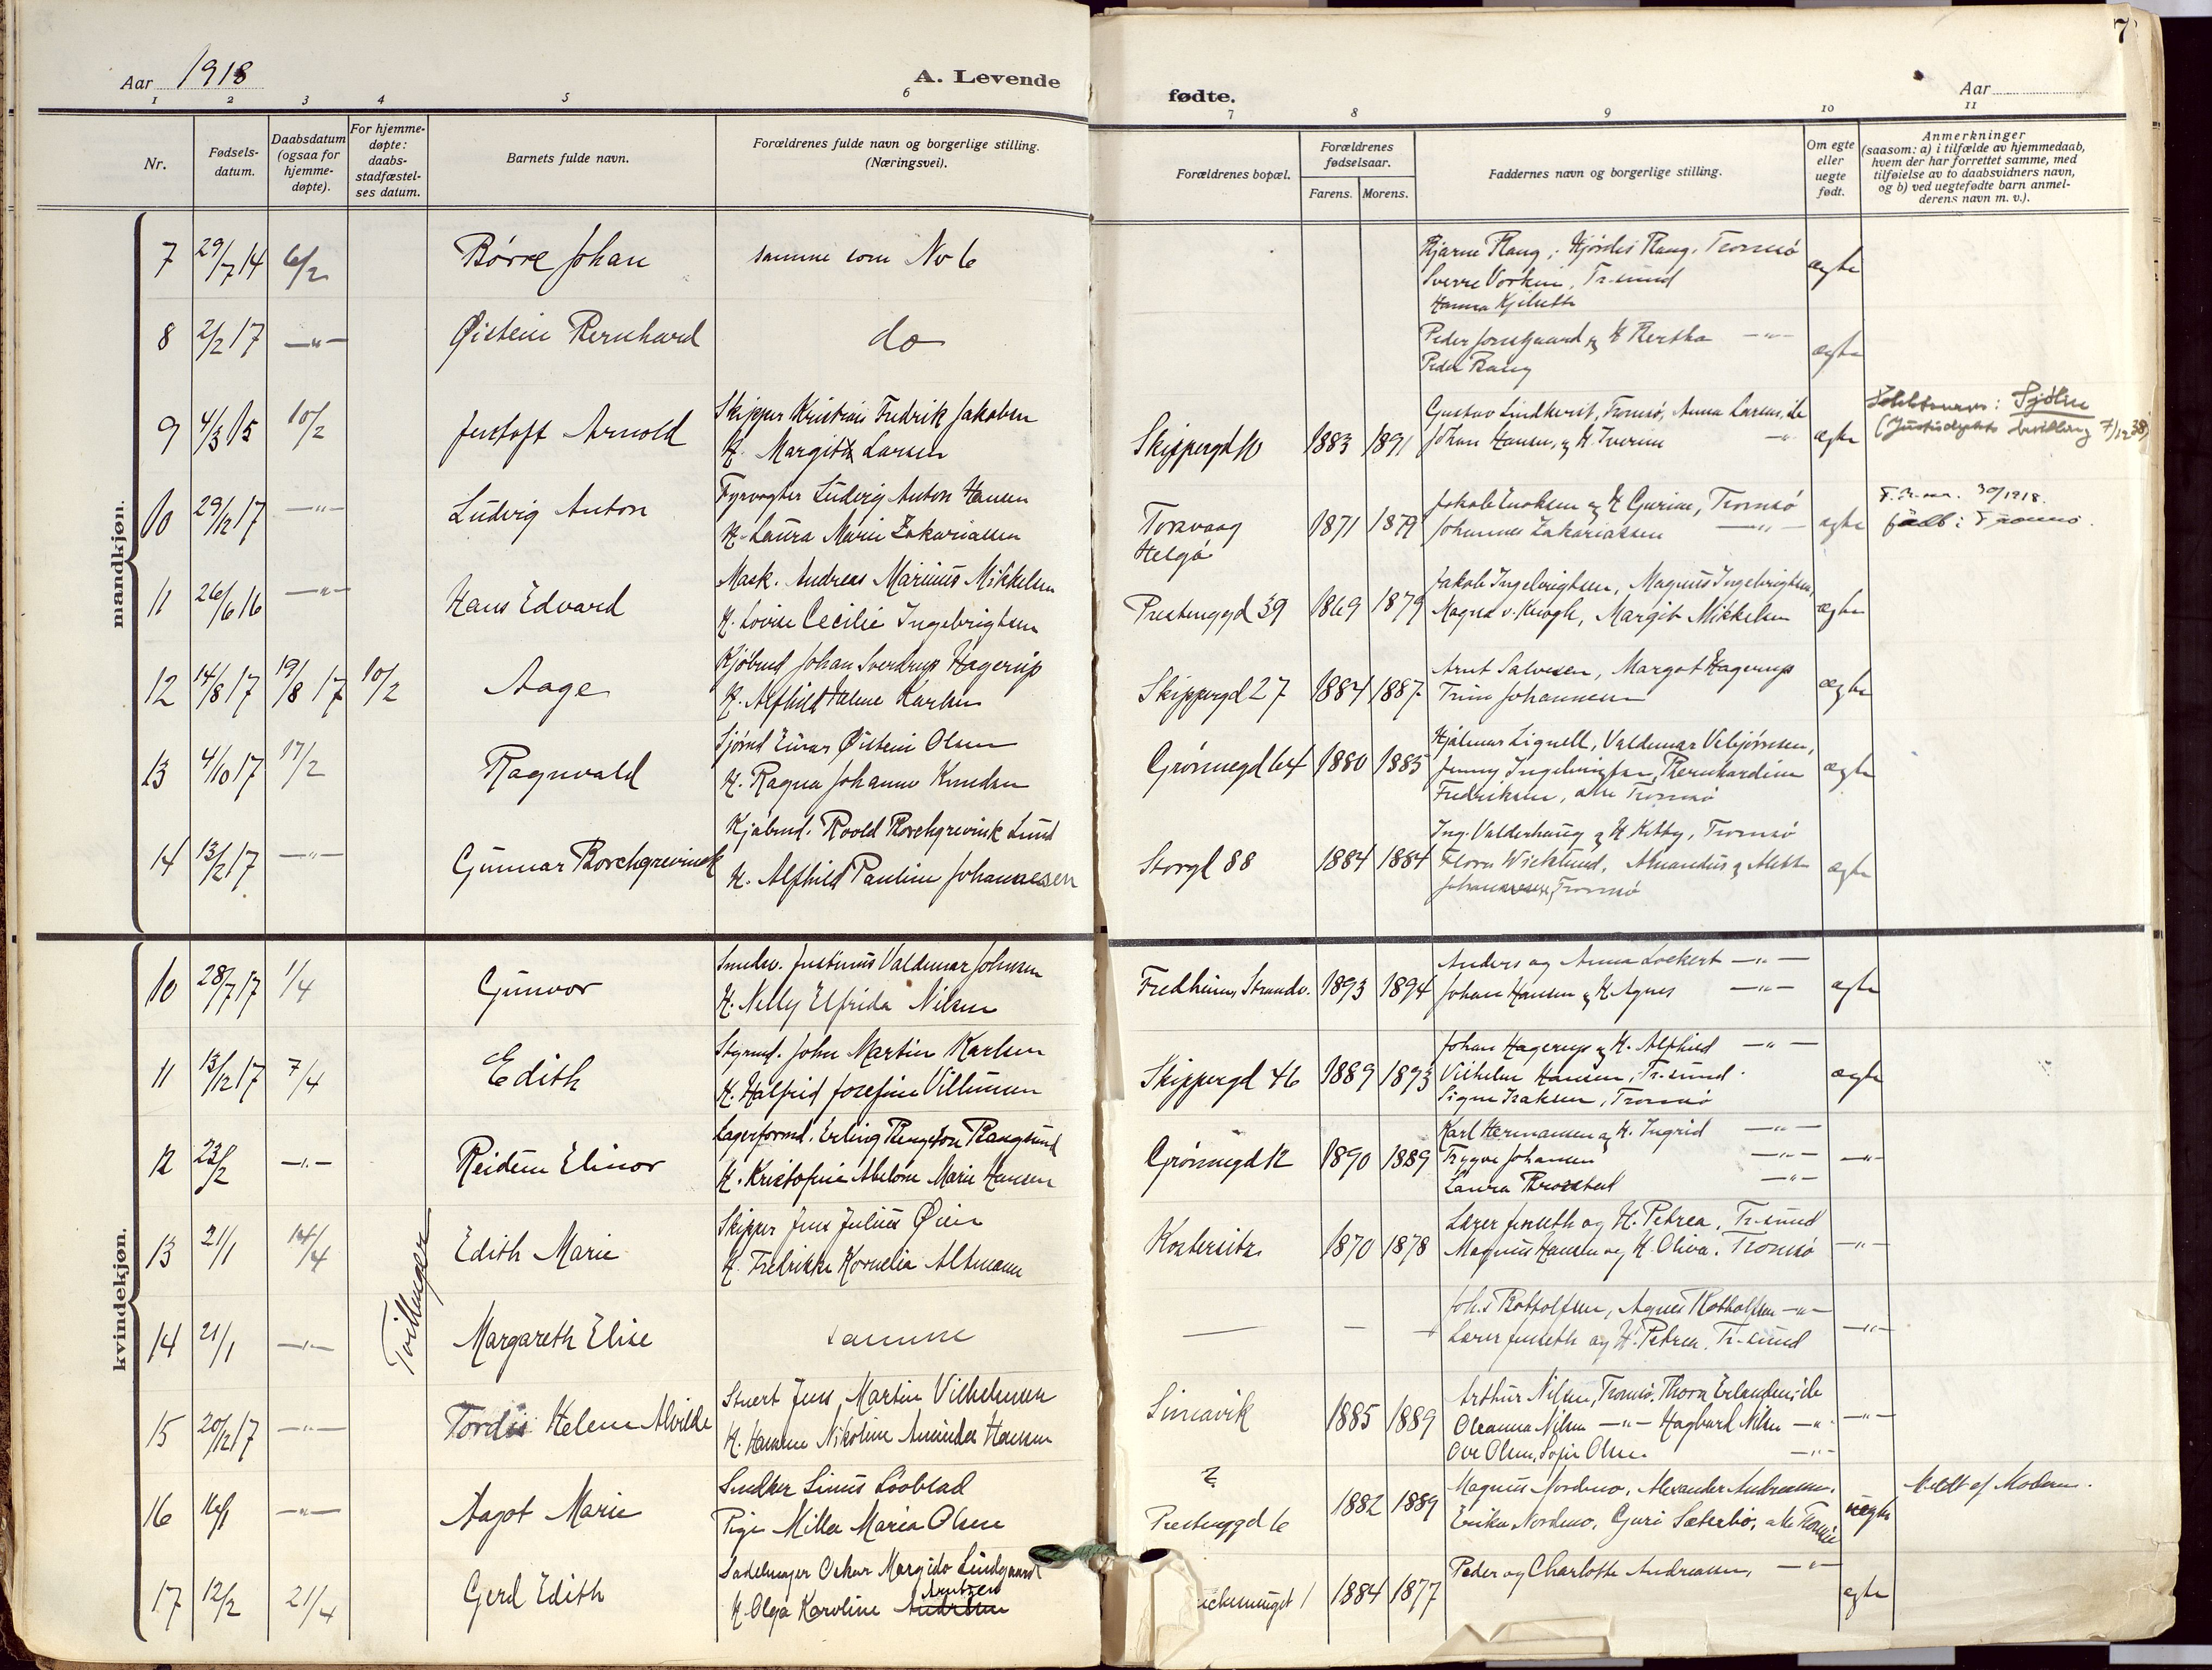 SATØ, Tromsø sokneprestkontor/stiftsprosti/domprosti, G/Ga/L0019kirke: Ministerialbok nr. 19, 1917-1927, s. 7